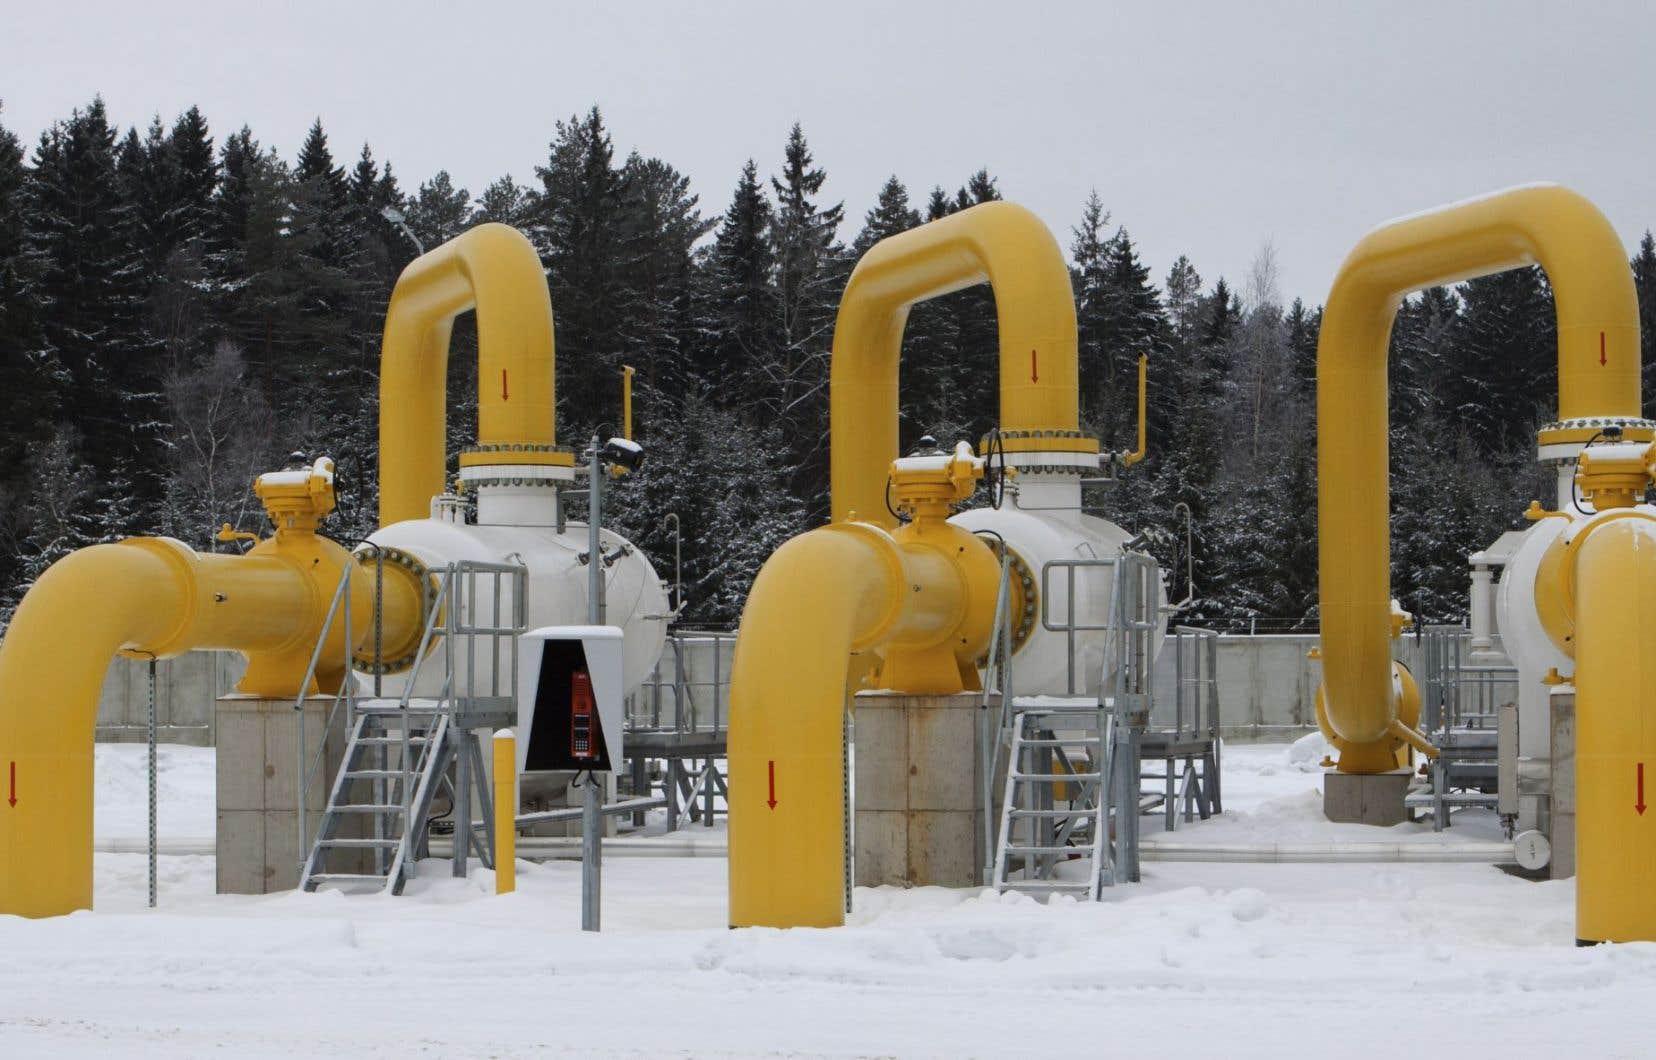 Plusieurs groupes environnementaux et citoyens demandent au gouvernement de mettre de côté l'idée d'accroître le recours au « gaz naturel fossile », comme le prévoit la nouvelle politique énergétique.